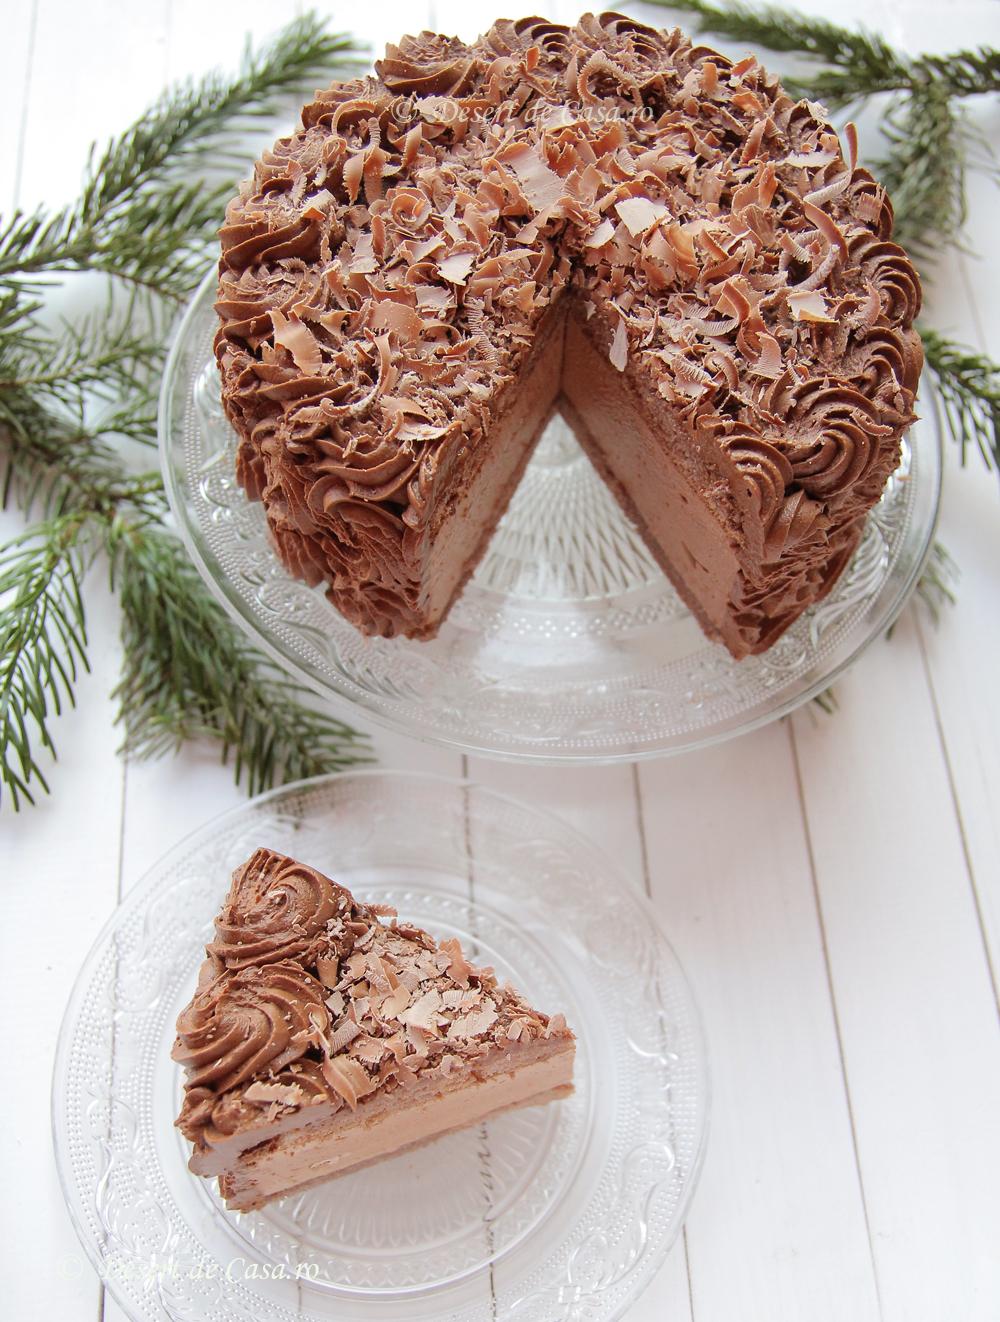 tort ciocolata foto